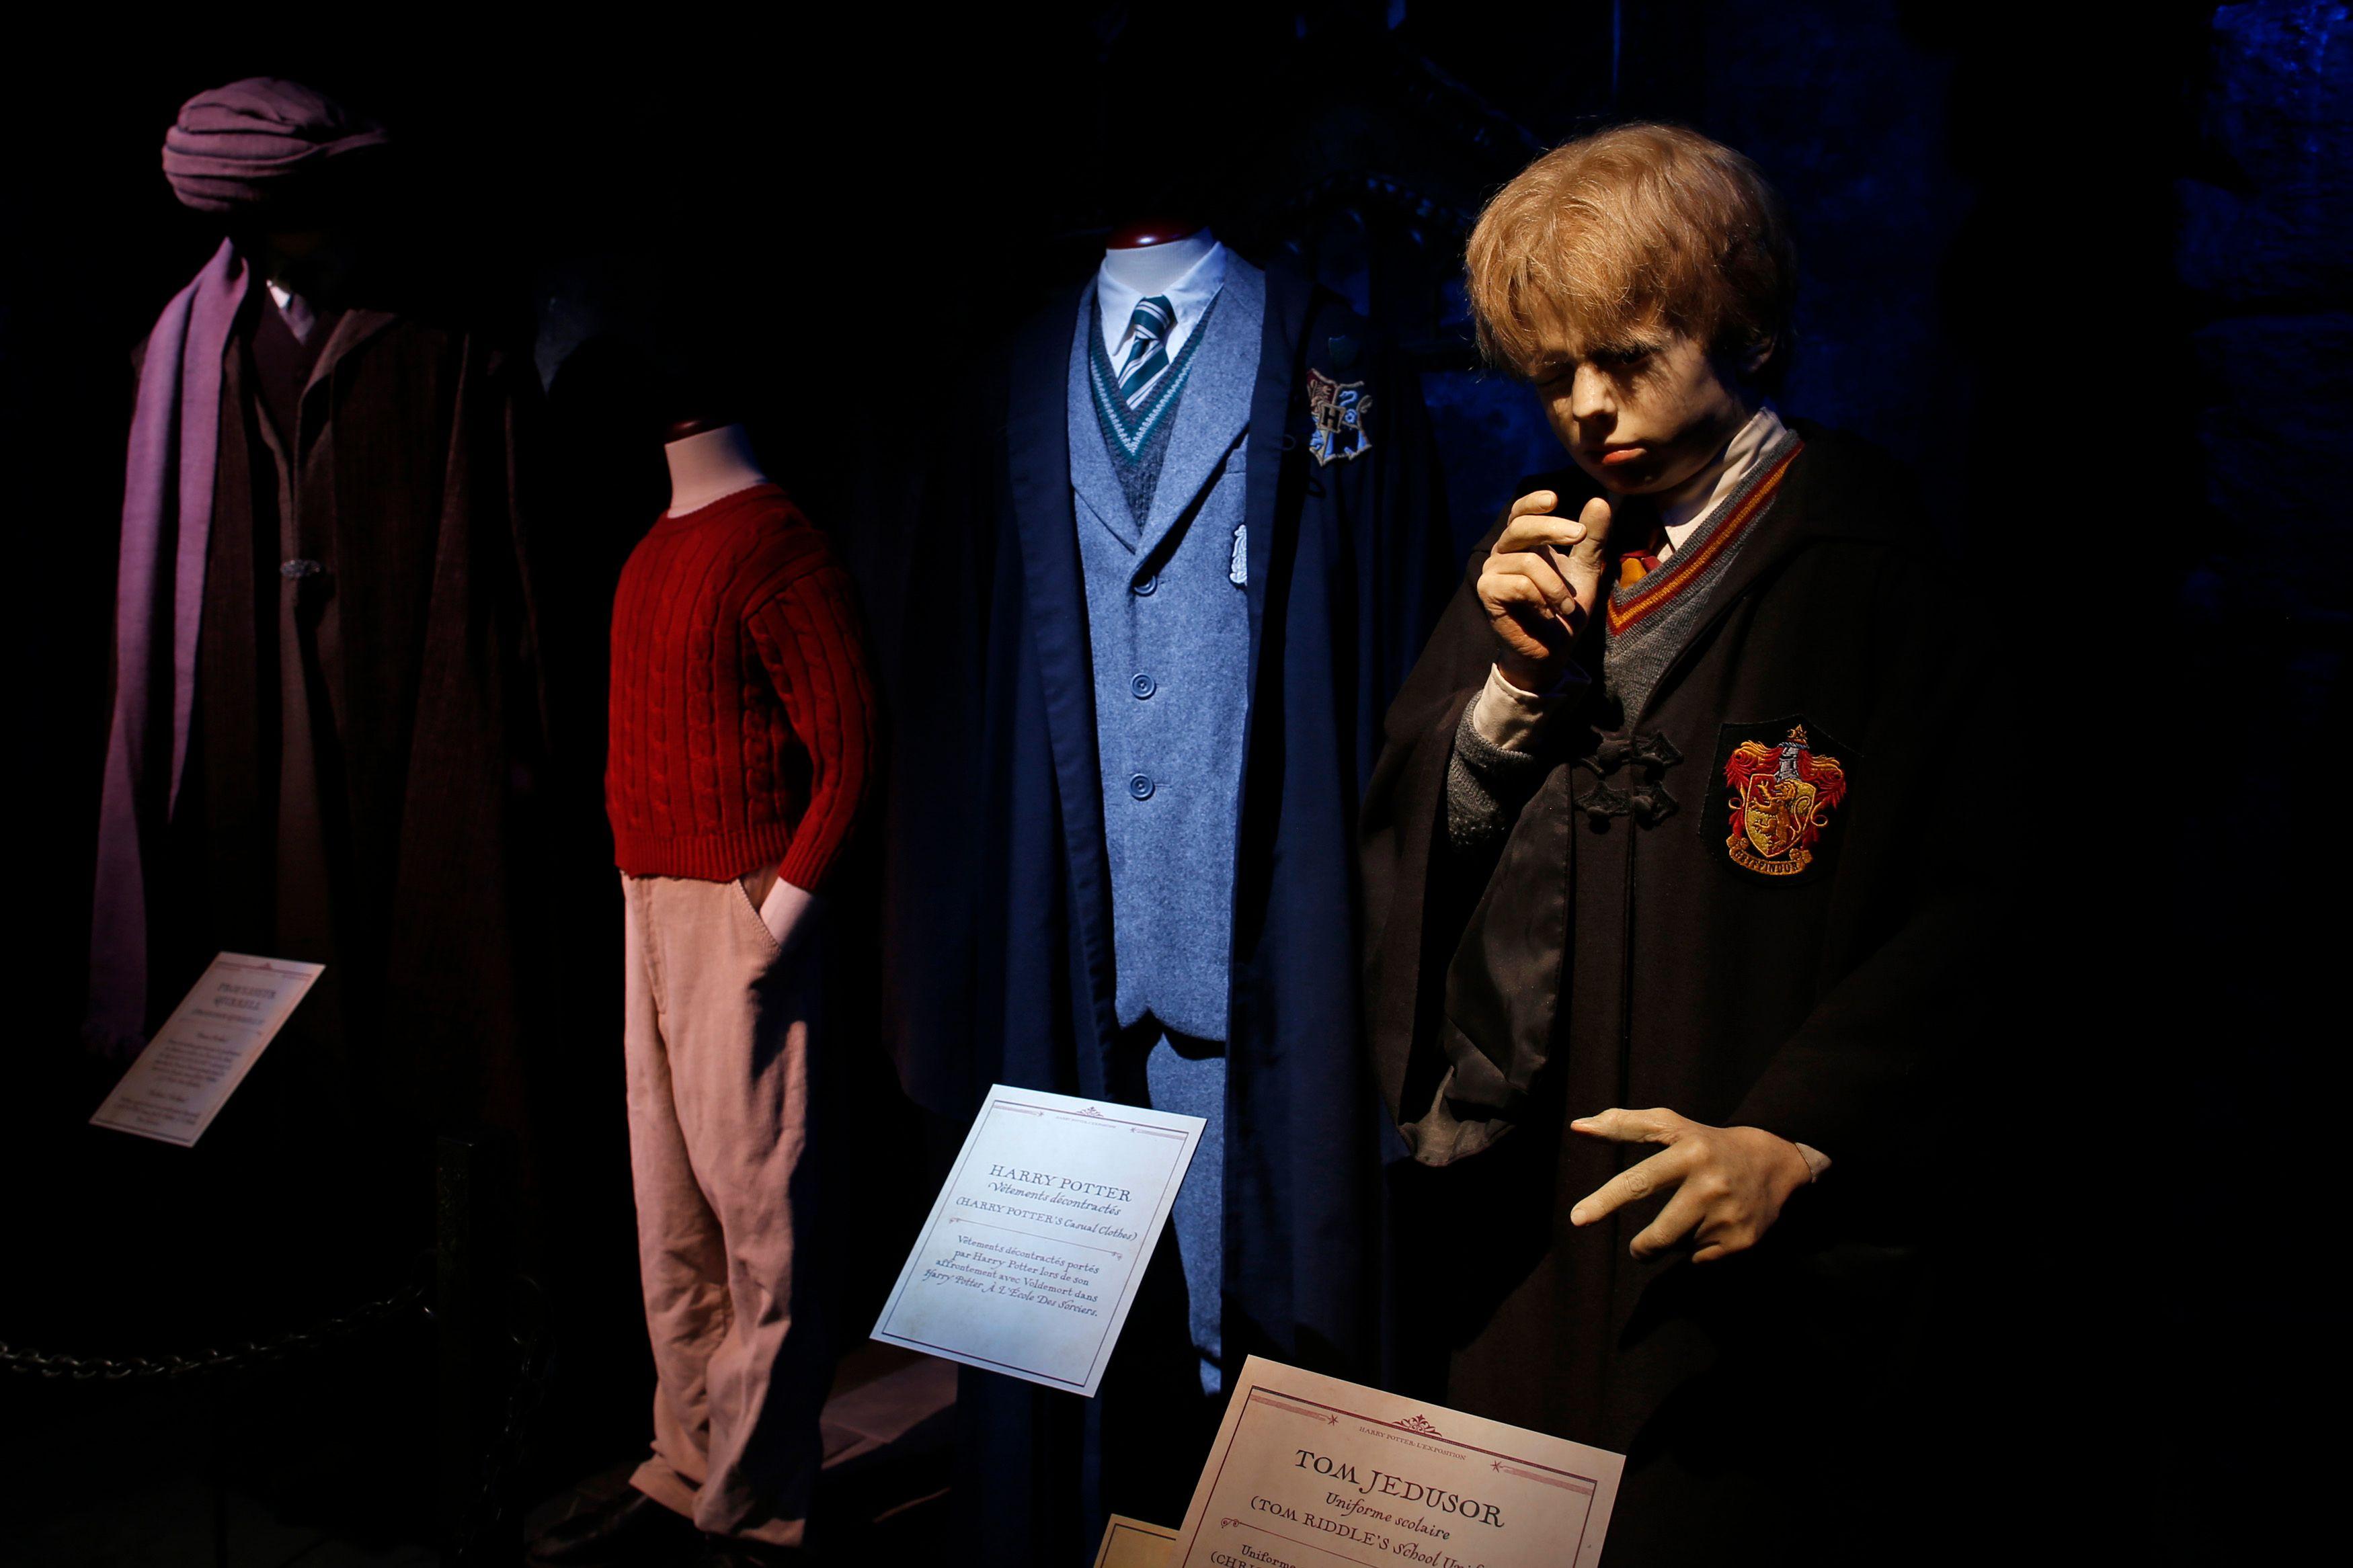 L'exposition Harry Potter a reçu un demi million de visiteurs en 5 mois à Paris